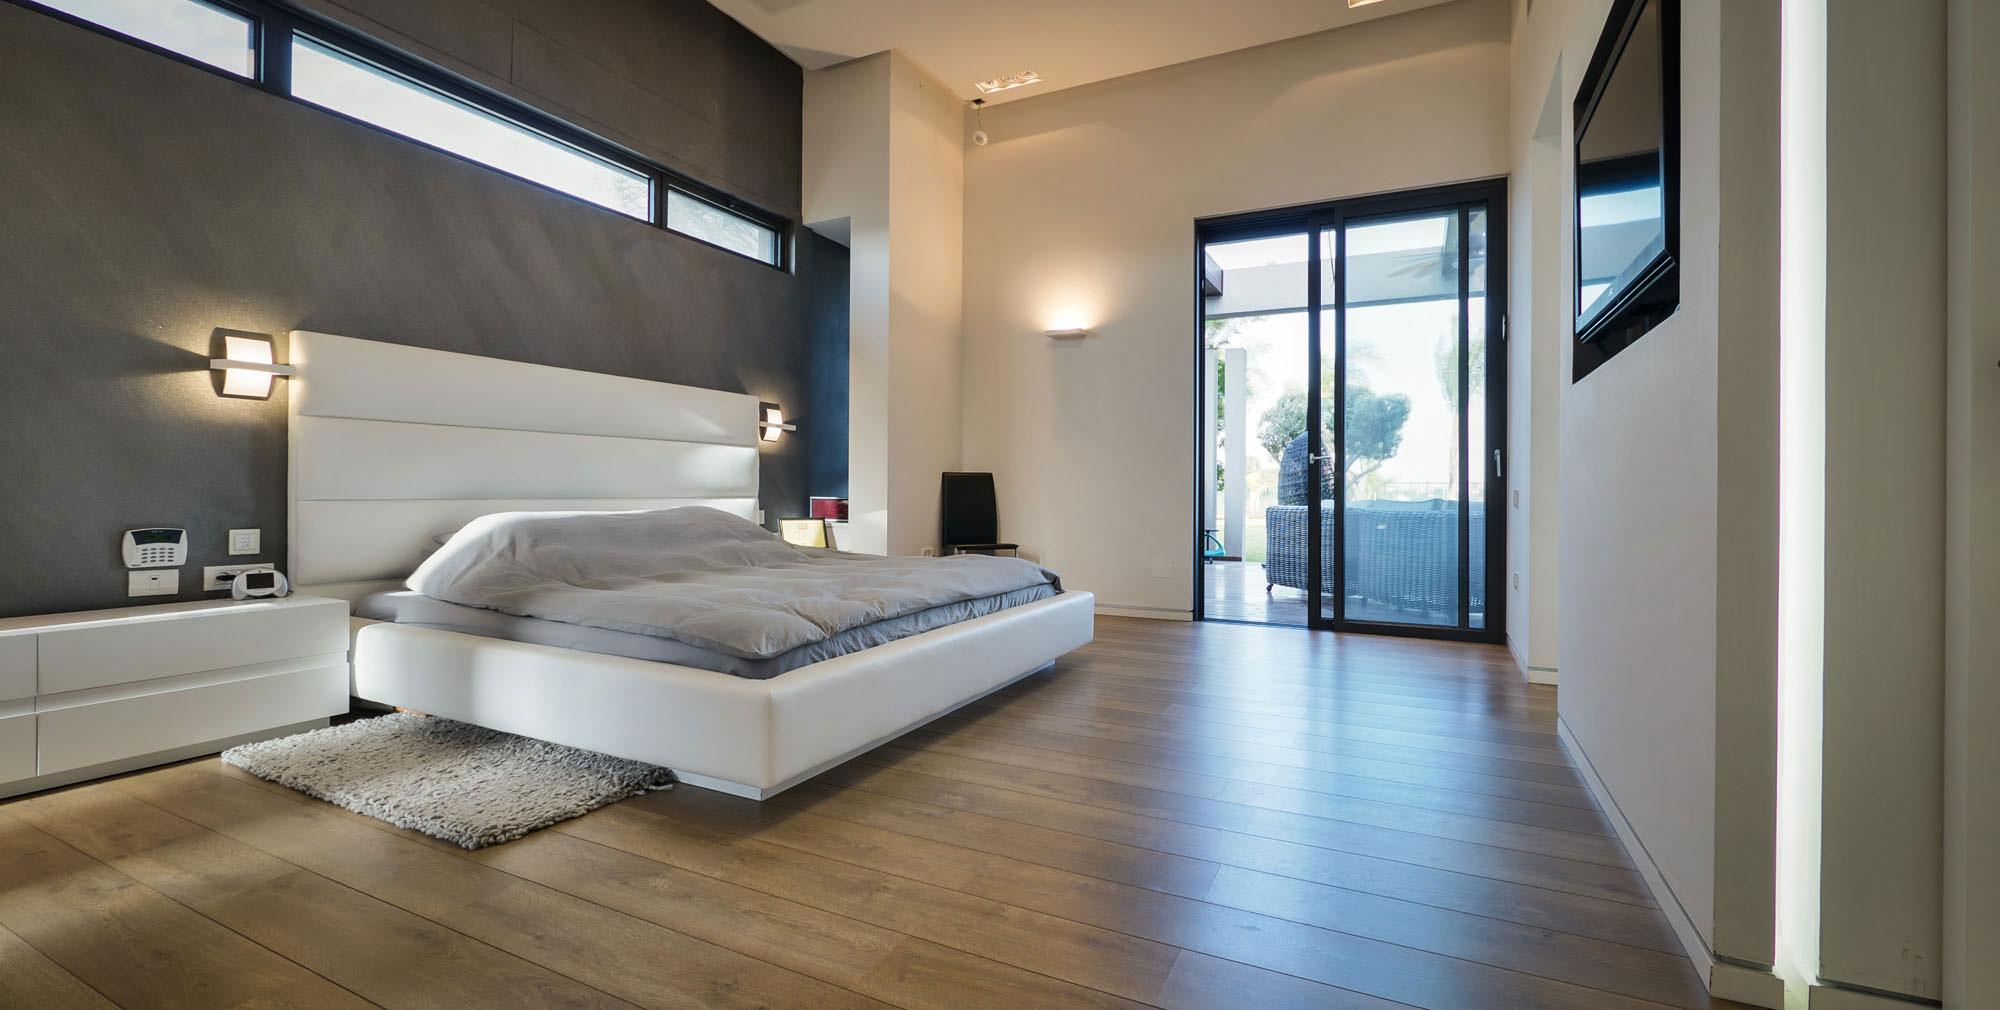 Lyxig-villa-med-en-samtida-design-från-Israel-12 Lyxig-villa-med en modern design från Israel